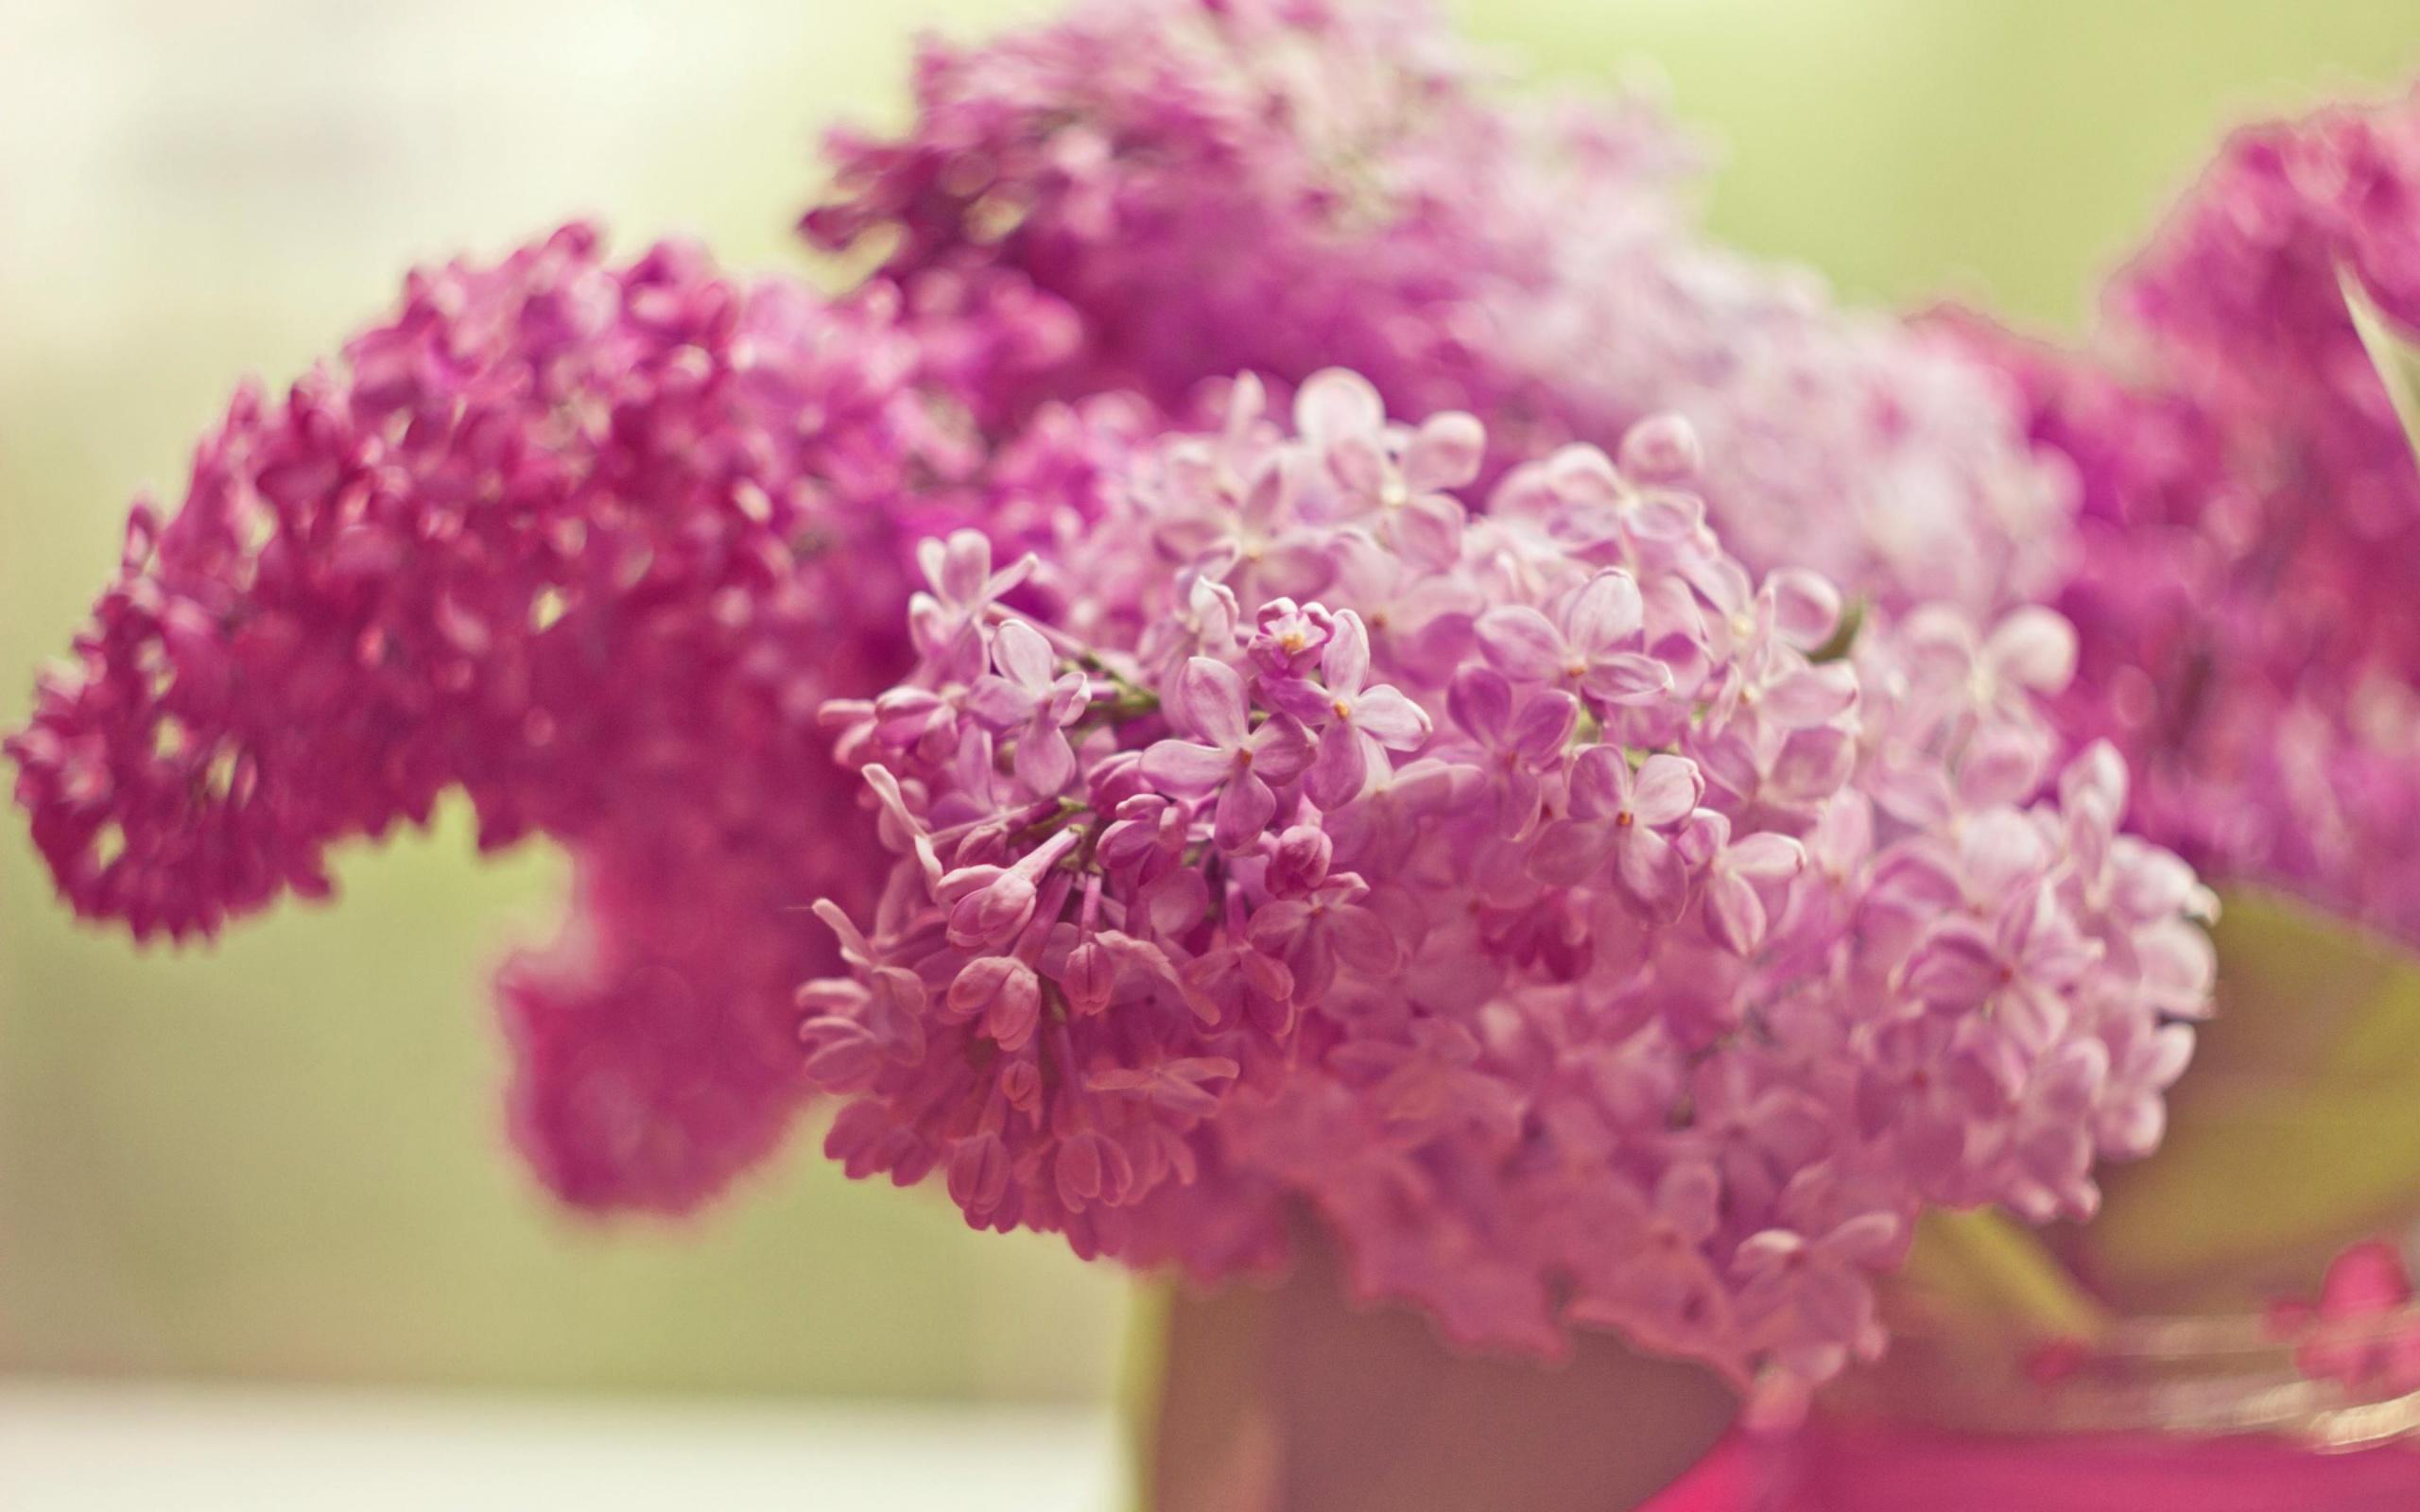 Сирень белая розовая сиреневая  № 3065830 без смс